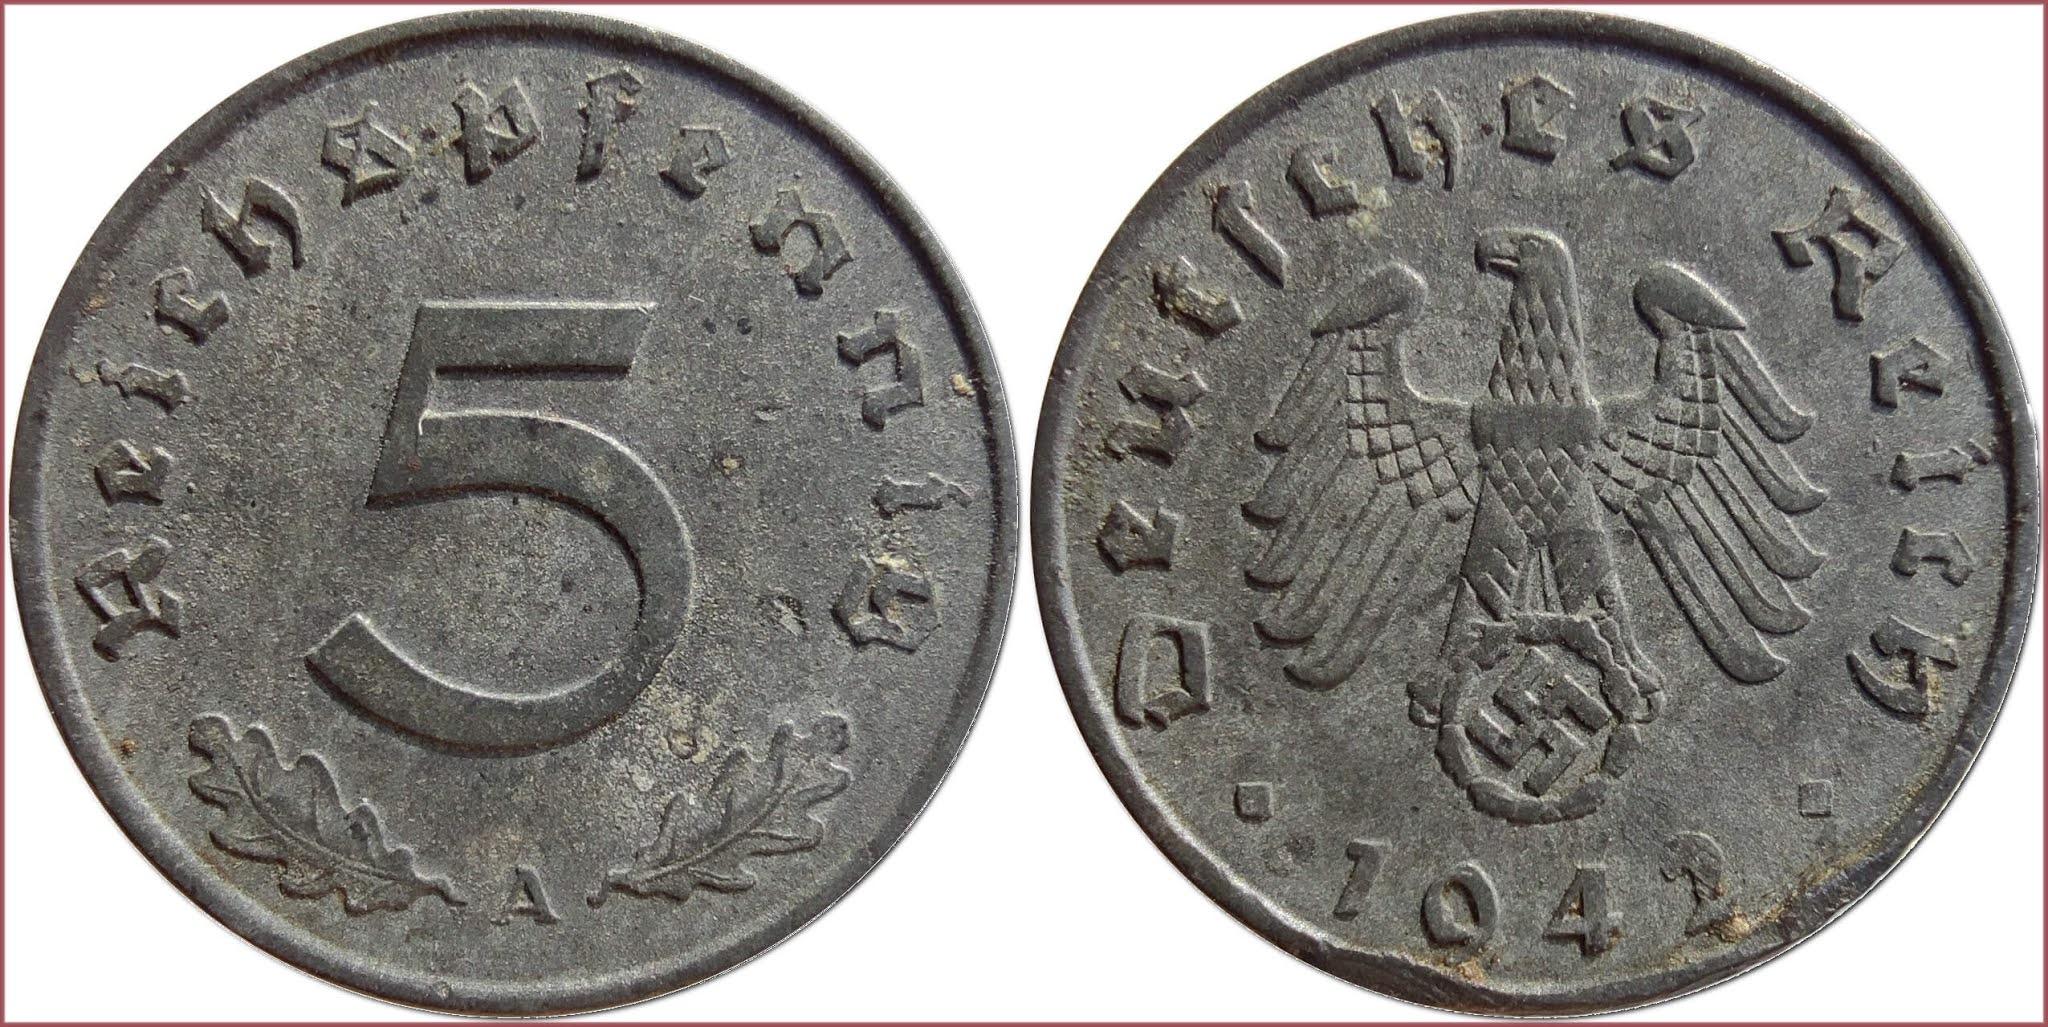 5 reichspfennig, 1942: German Reich (Third Reich)